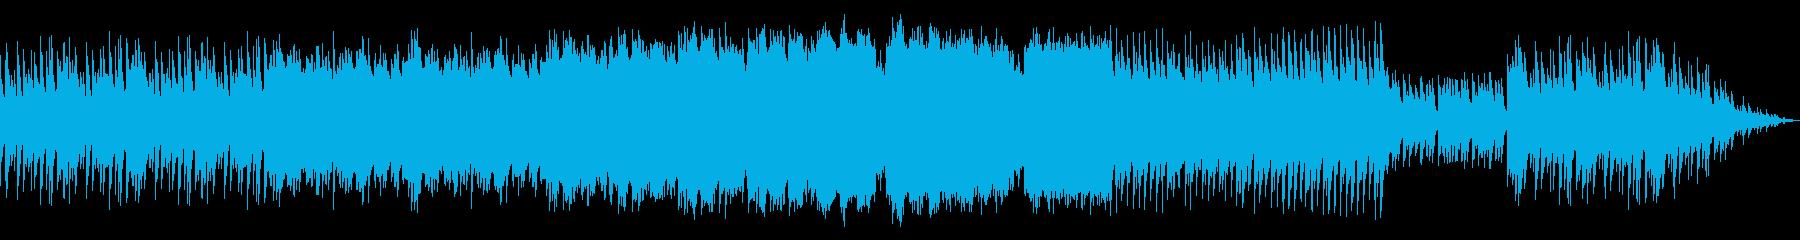 星の導きを感じさせるBGMの再生済みの波形